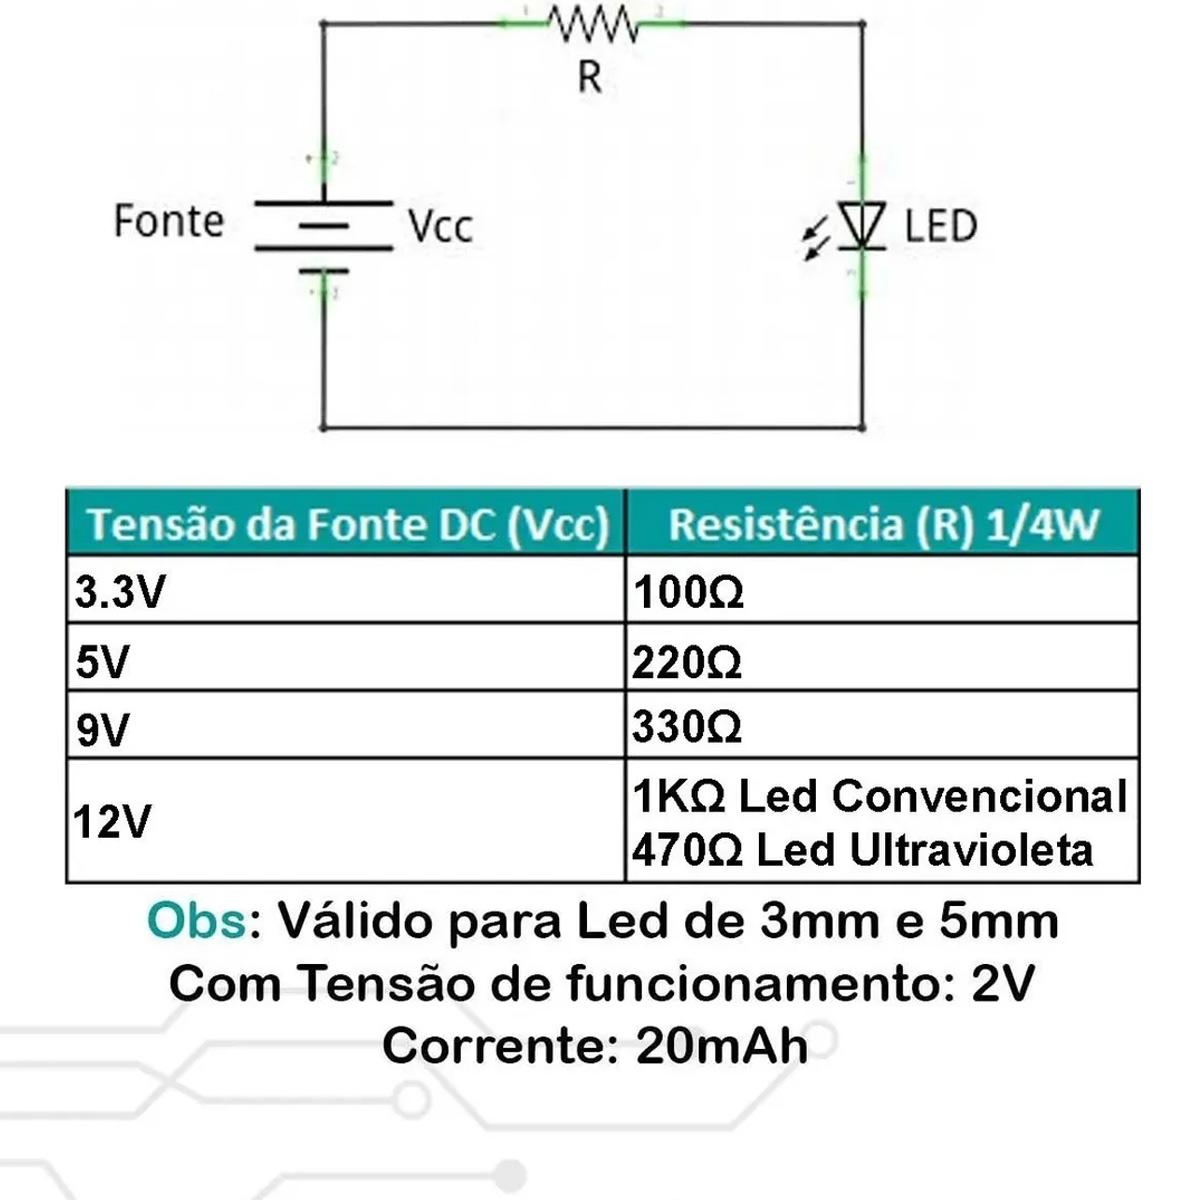 20x Led Flash 5mm RGB Alto Brilho Efeito Rápido 2 Pinos Cor Automática